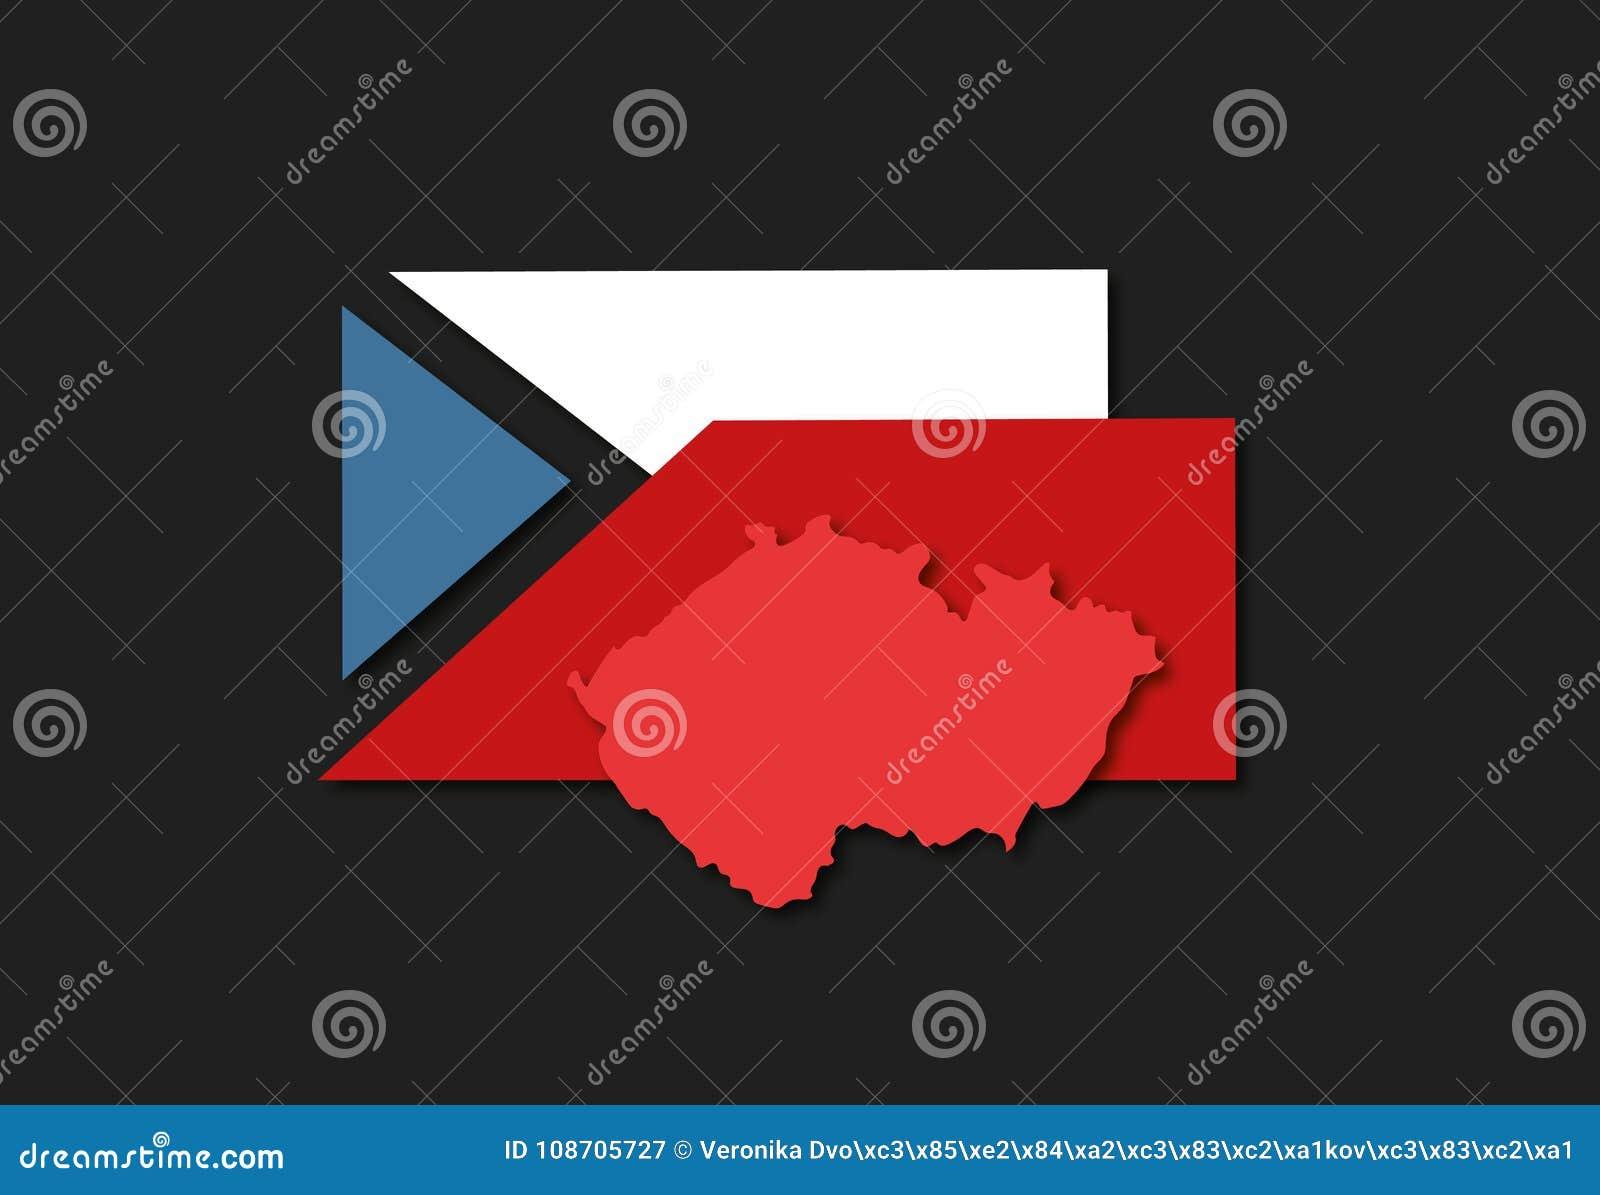 Infographics aan Presidentsverkiezing in de Tsjechische Republiek die de Ongelijkheid van Tsjechische Kiezers benadrukken